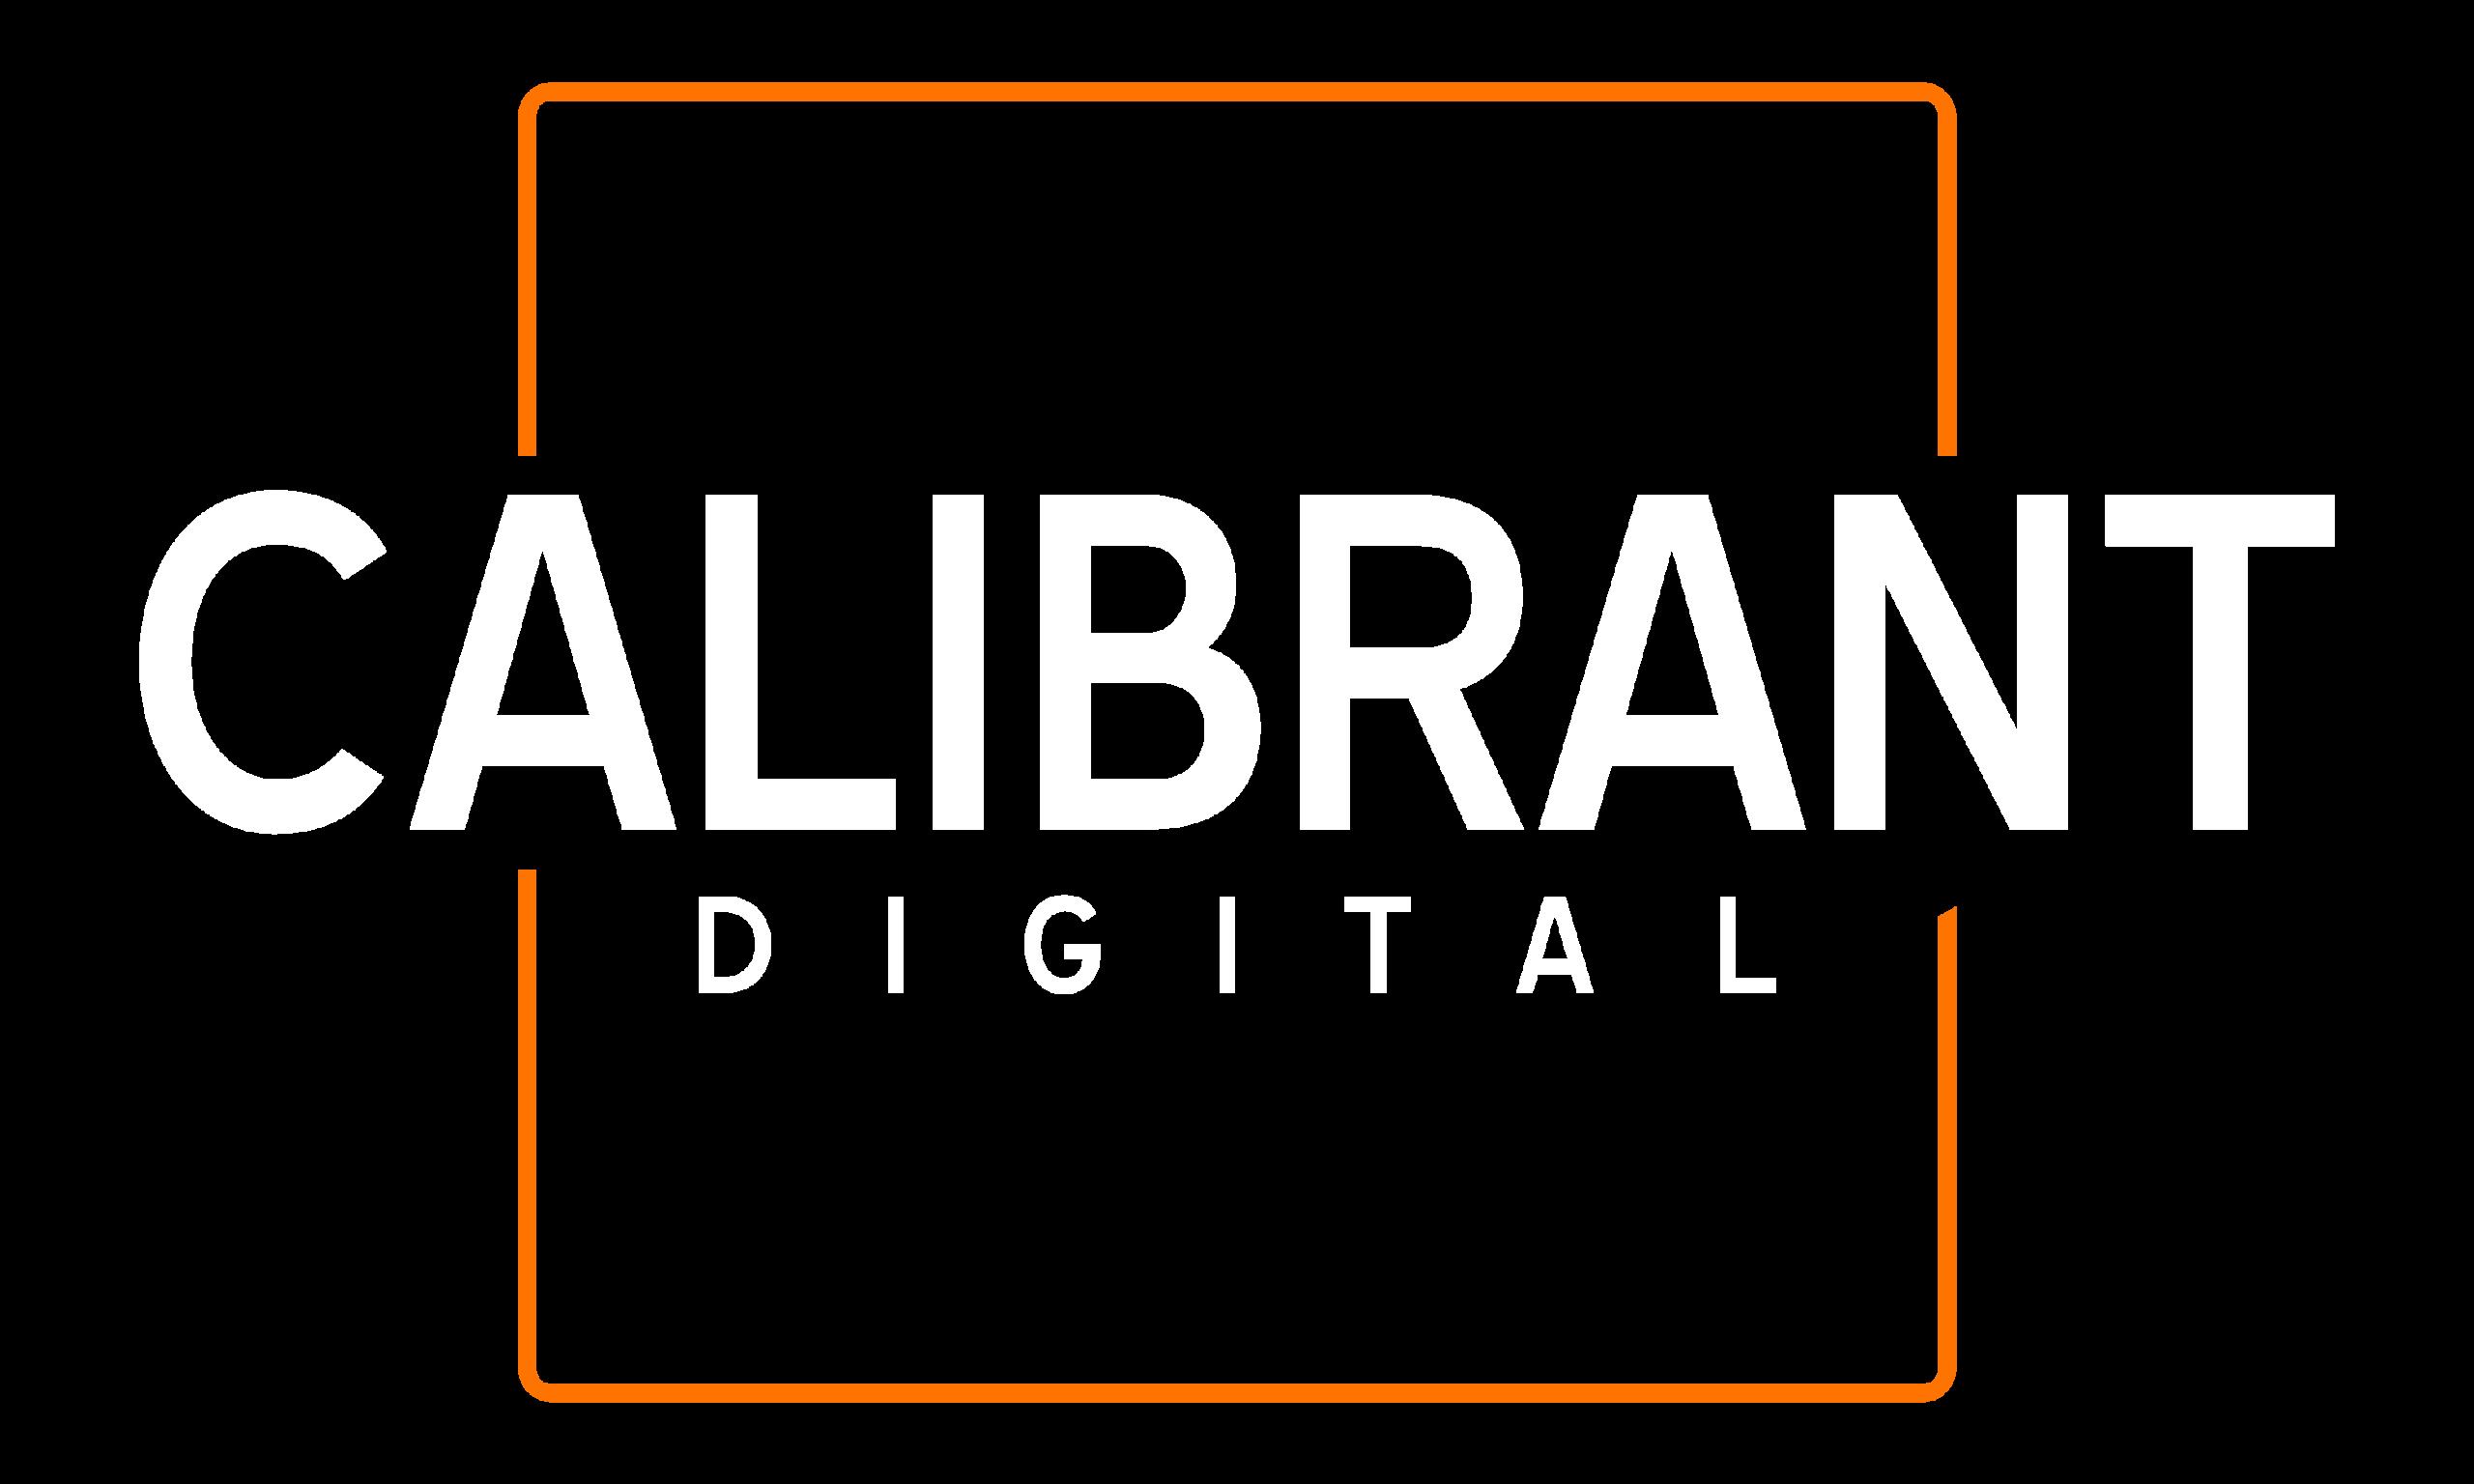 Calibrant Digital